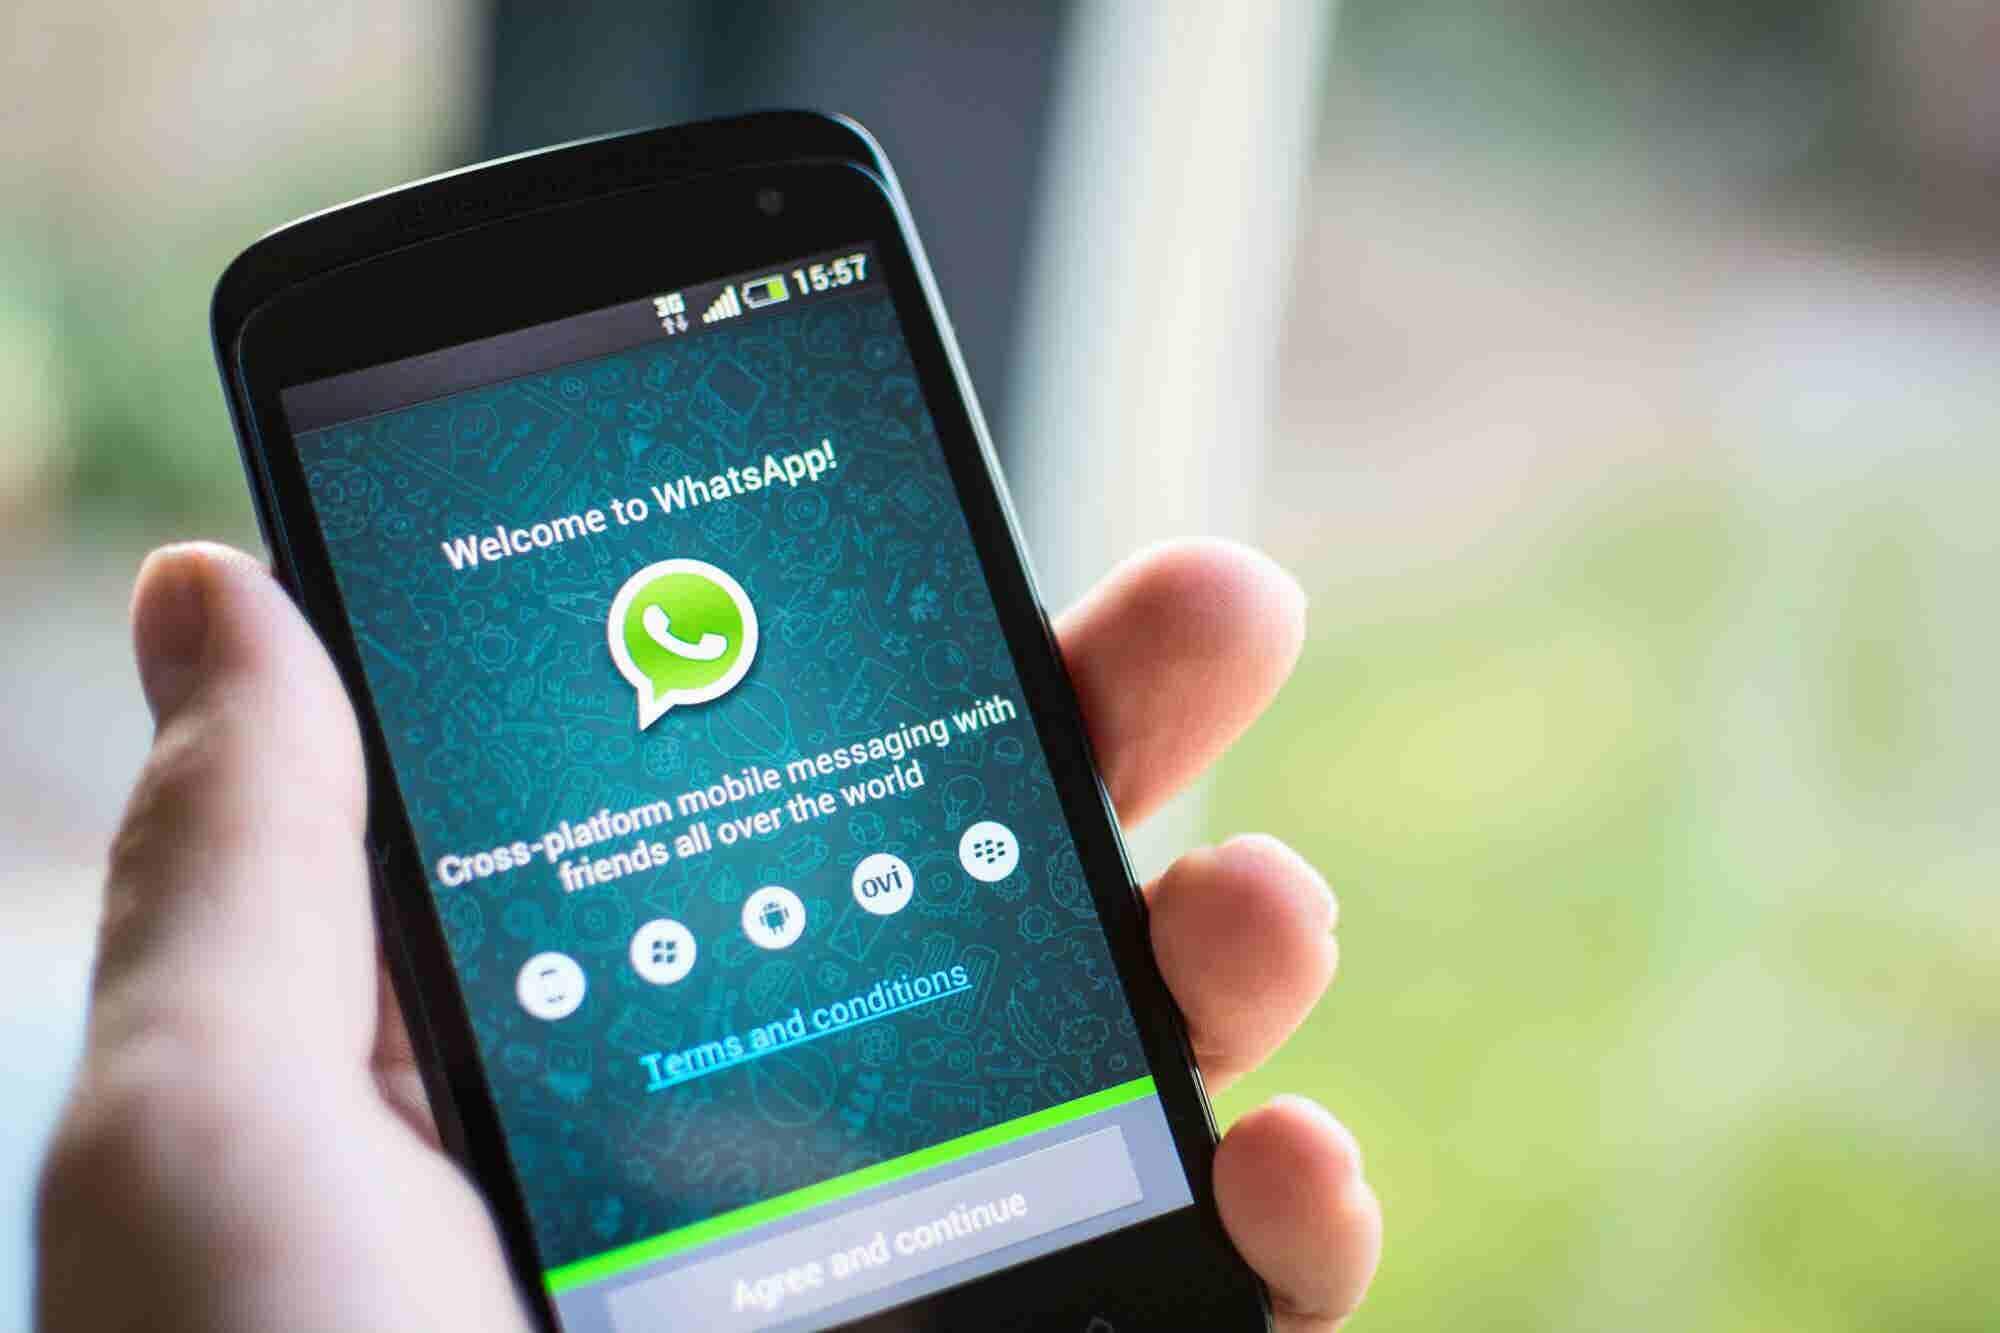 Ya podrás usar Whatsapp para atender mejor a tus clientes. Te decimos cómo